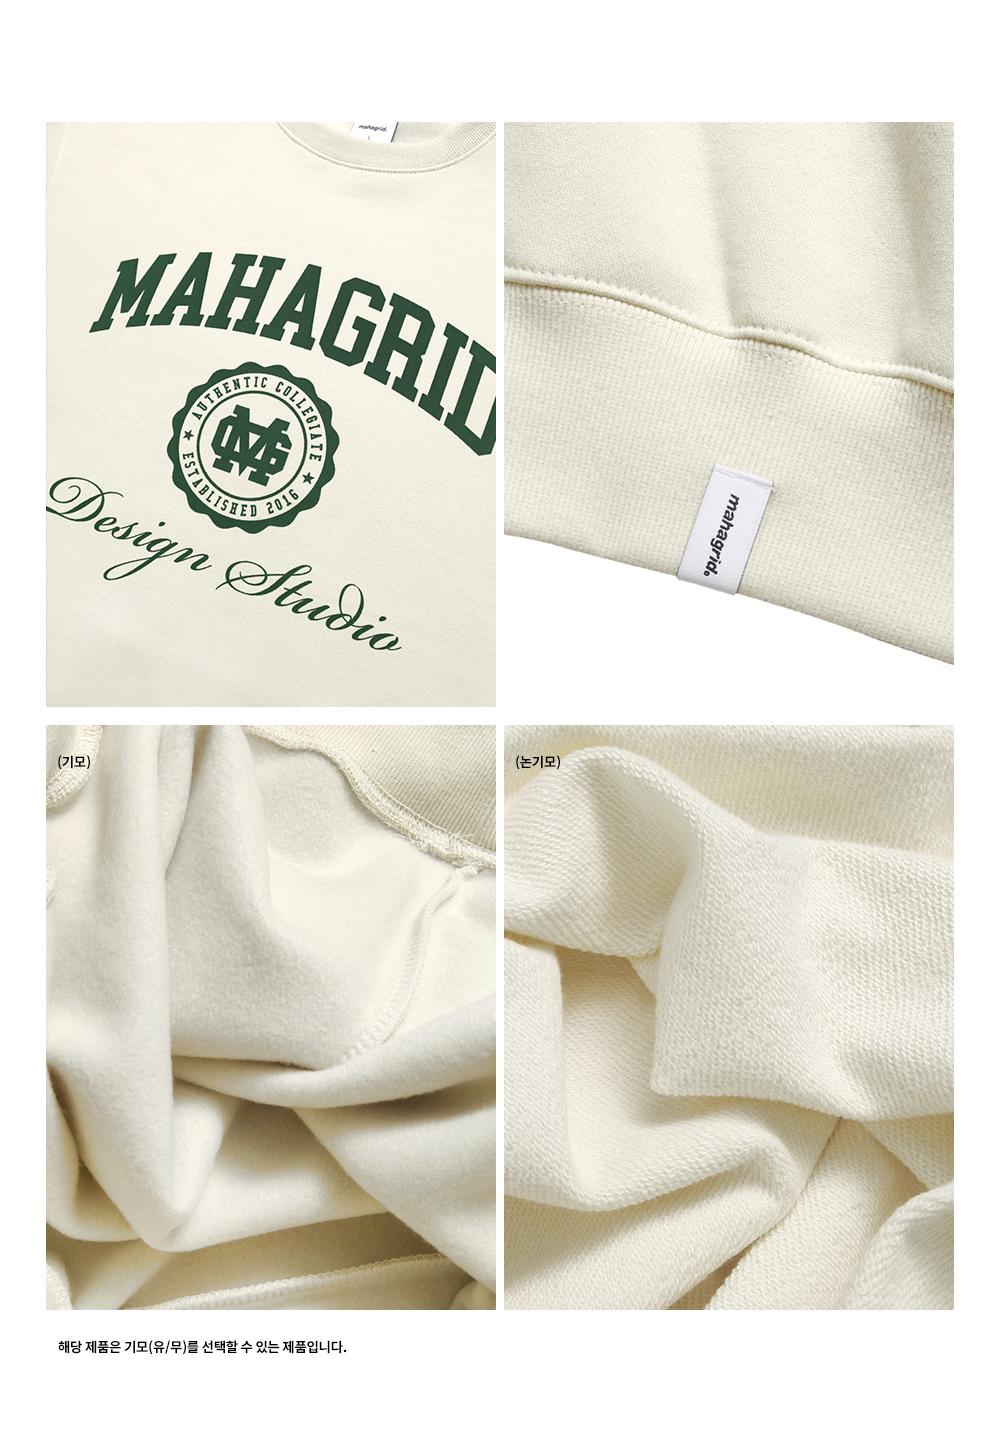 마하그리드(MAHAGRID) AUTHENTIC SWEATSHIRT CREAM(MG2BFMM463A)